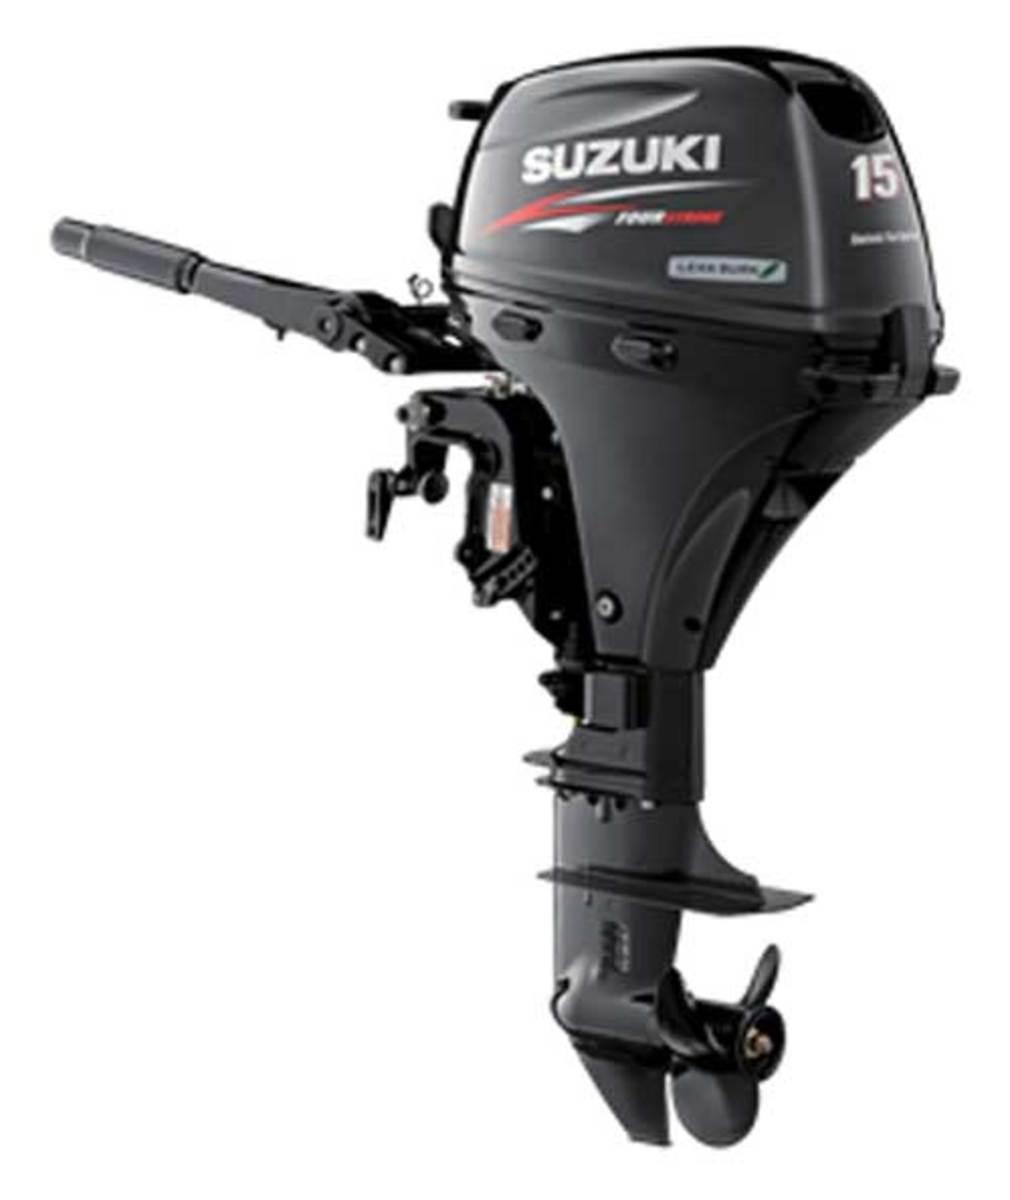 Suzuki D15A